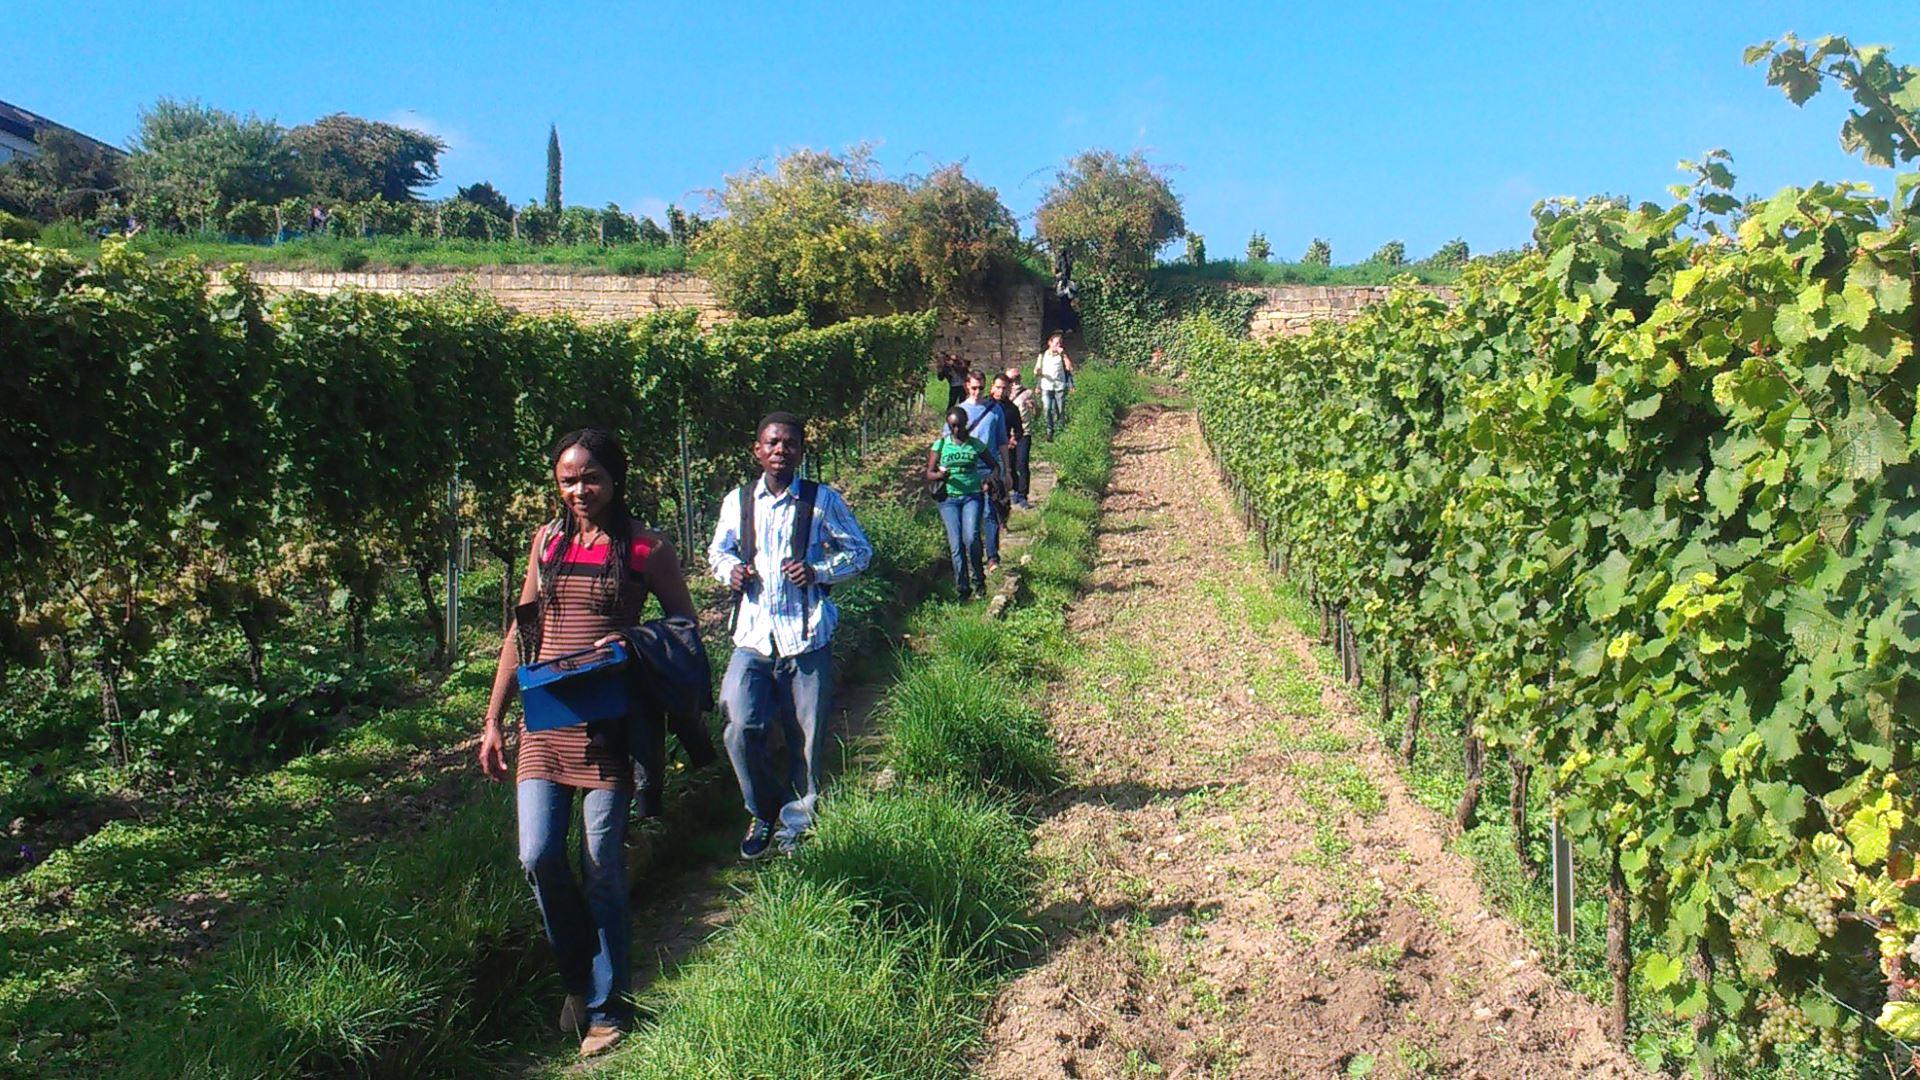 Stipendiaten bei Wanderung im Weinberg